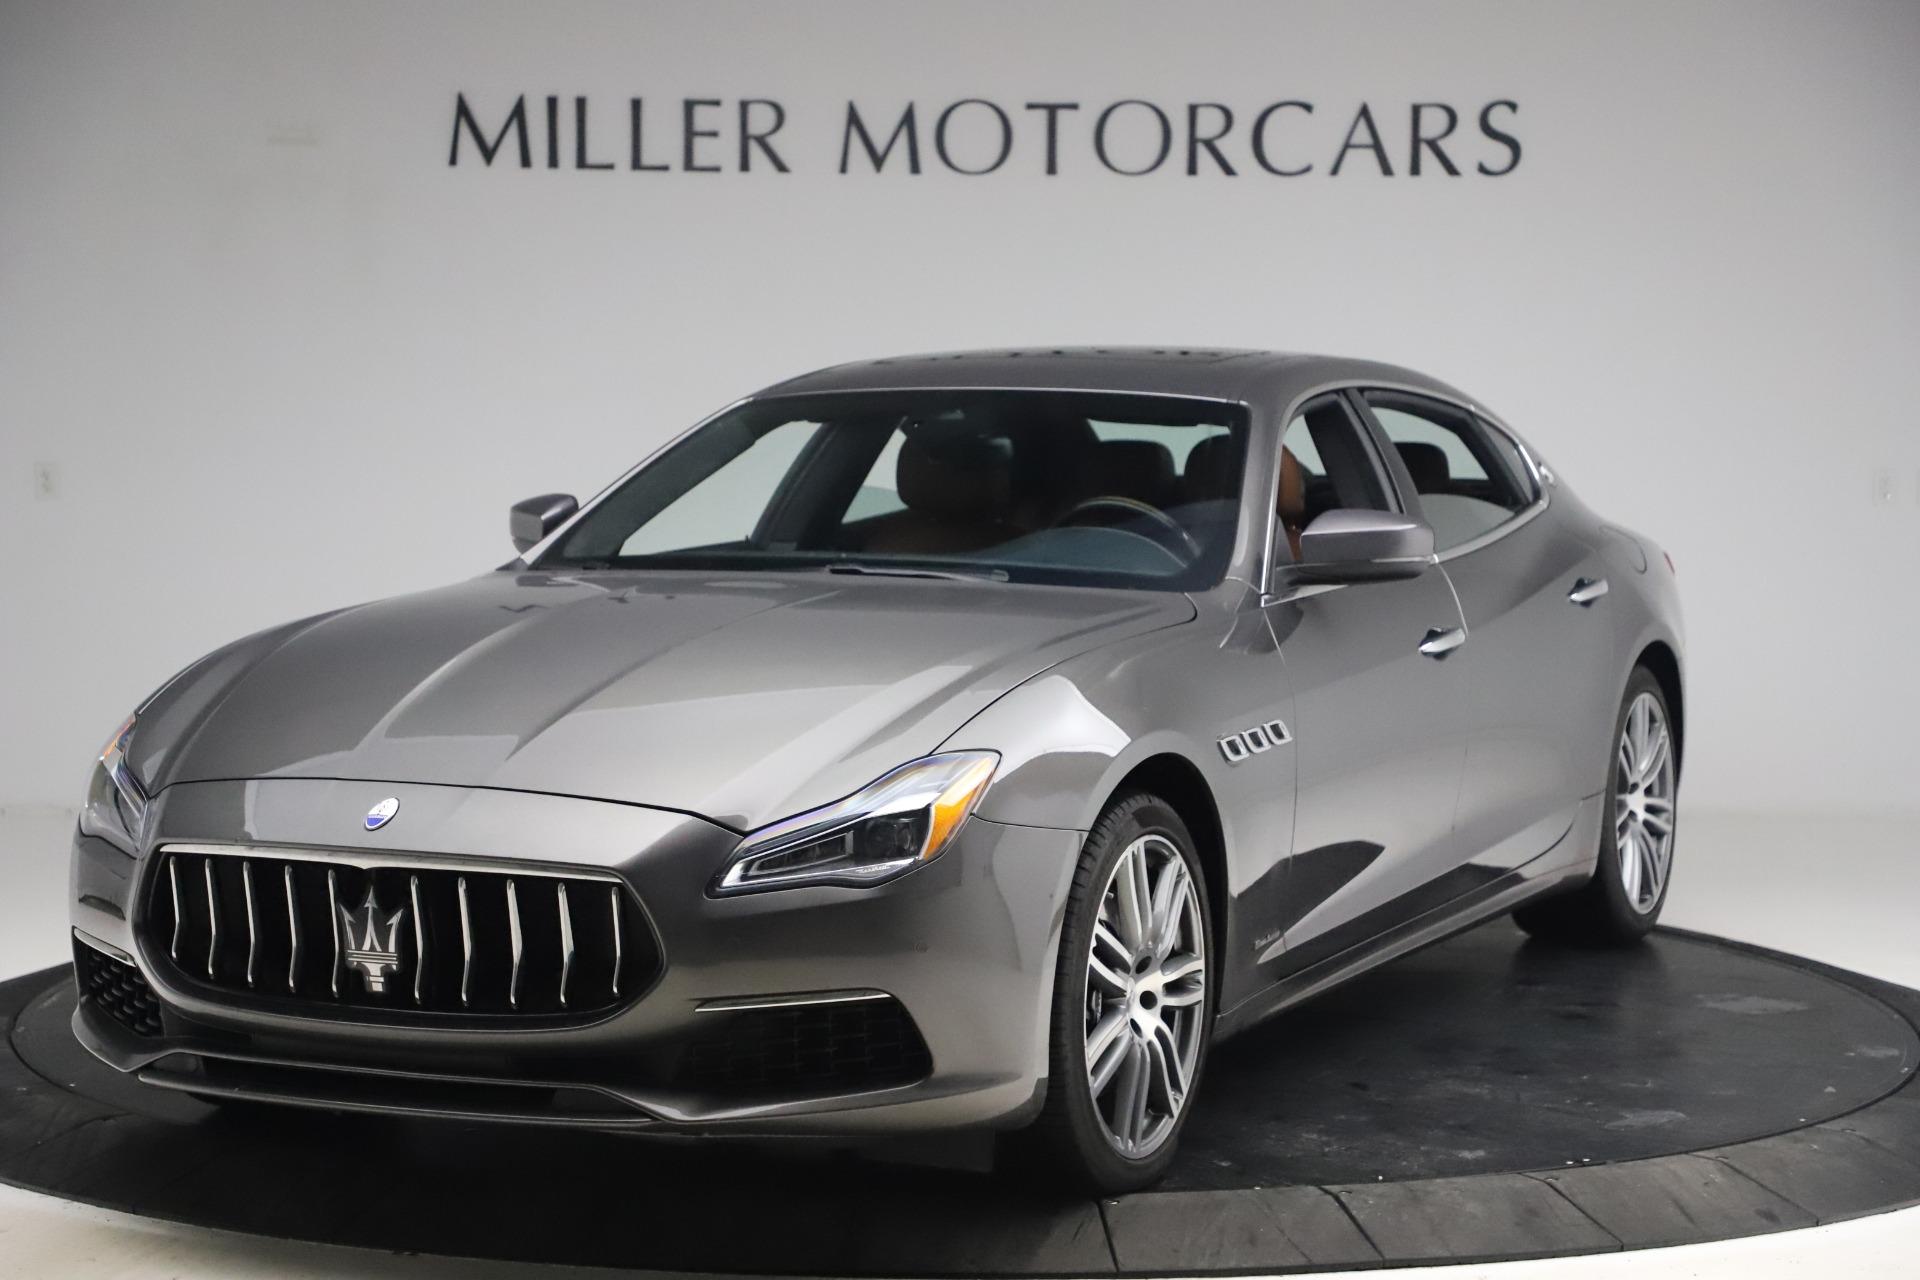 Used 2018 Maserati Quattroporte S Q4 GranLusso for sale $65,900 at McLaren Greenwich in Greenwich CT 06830 1